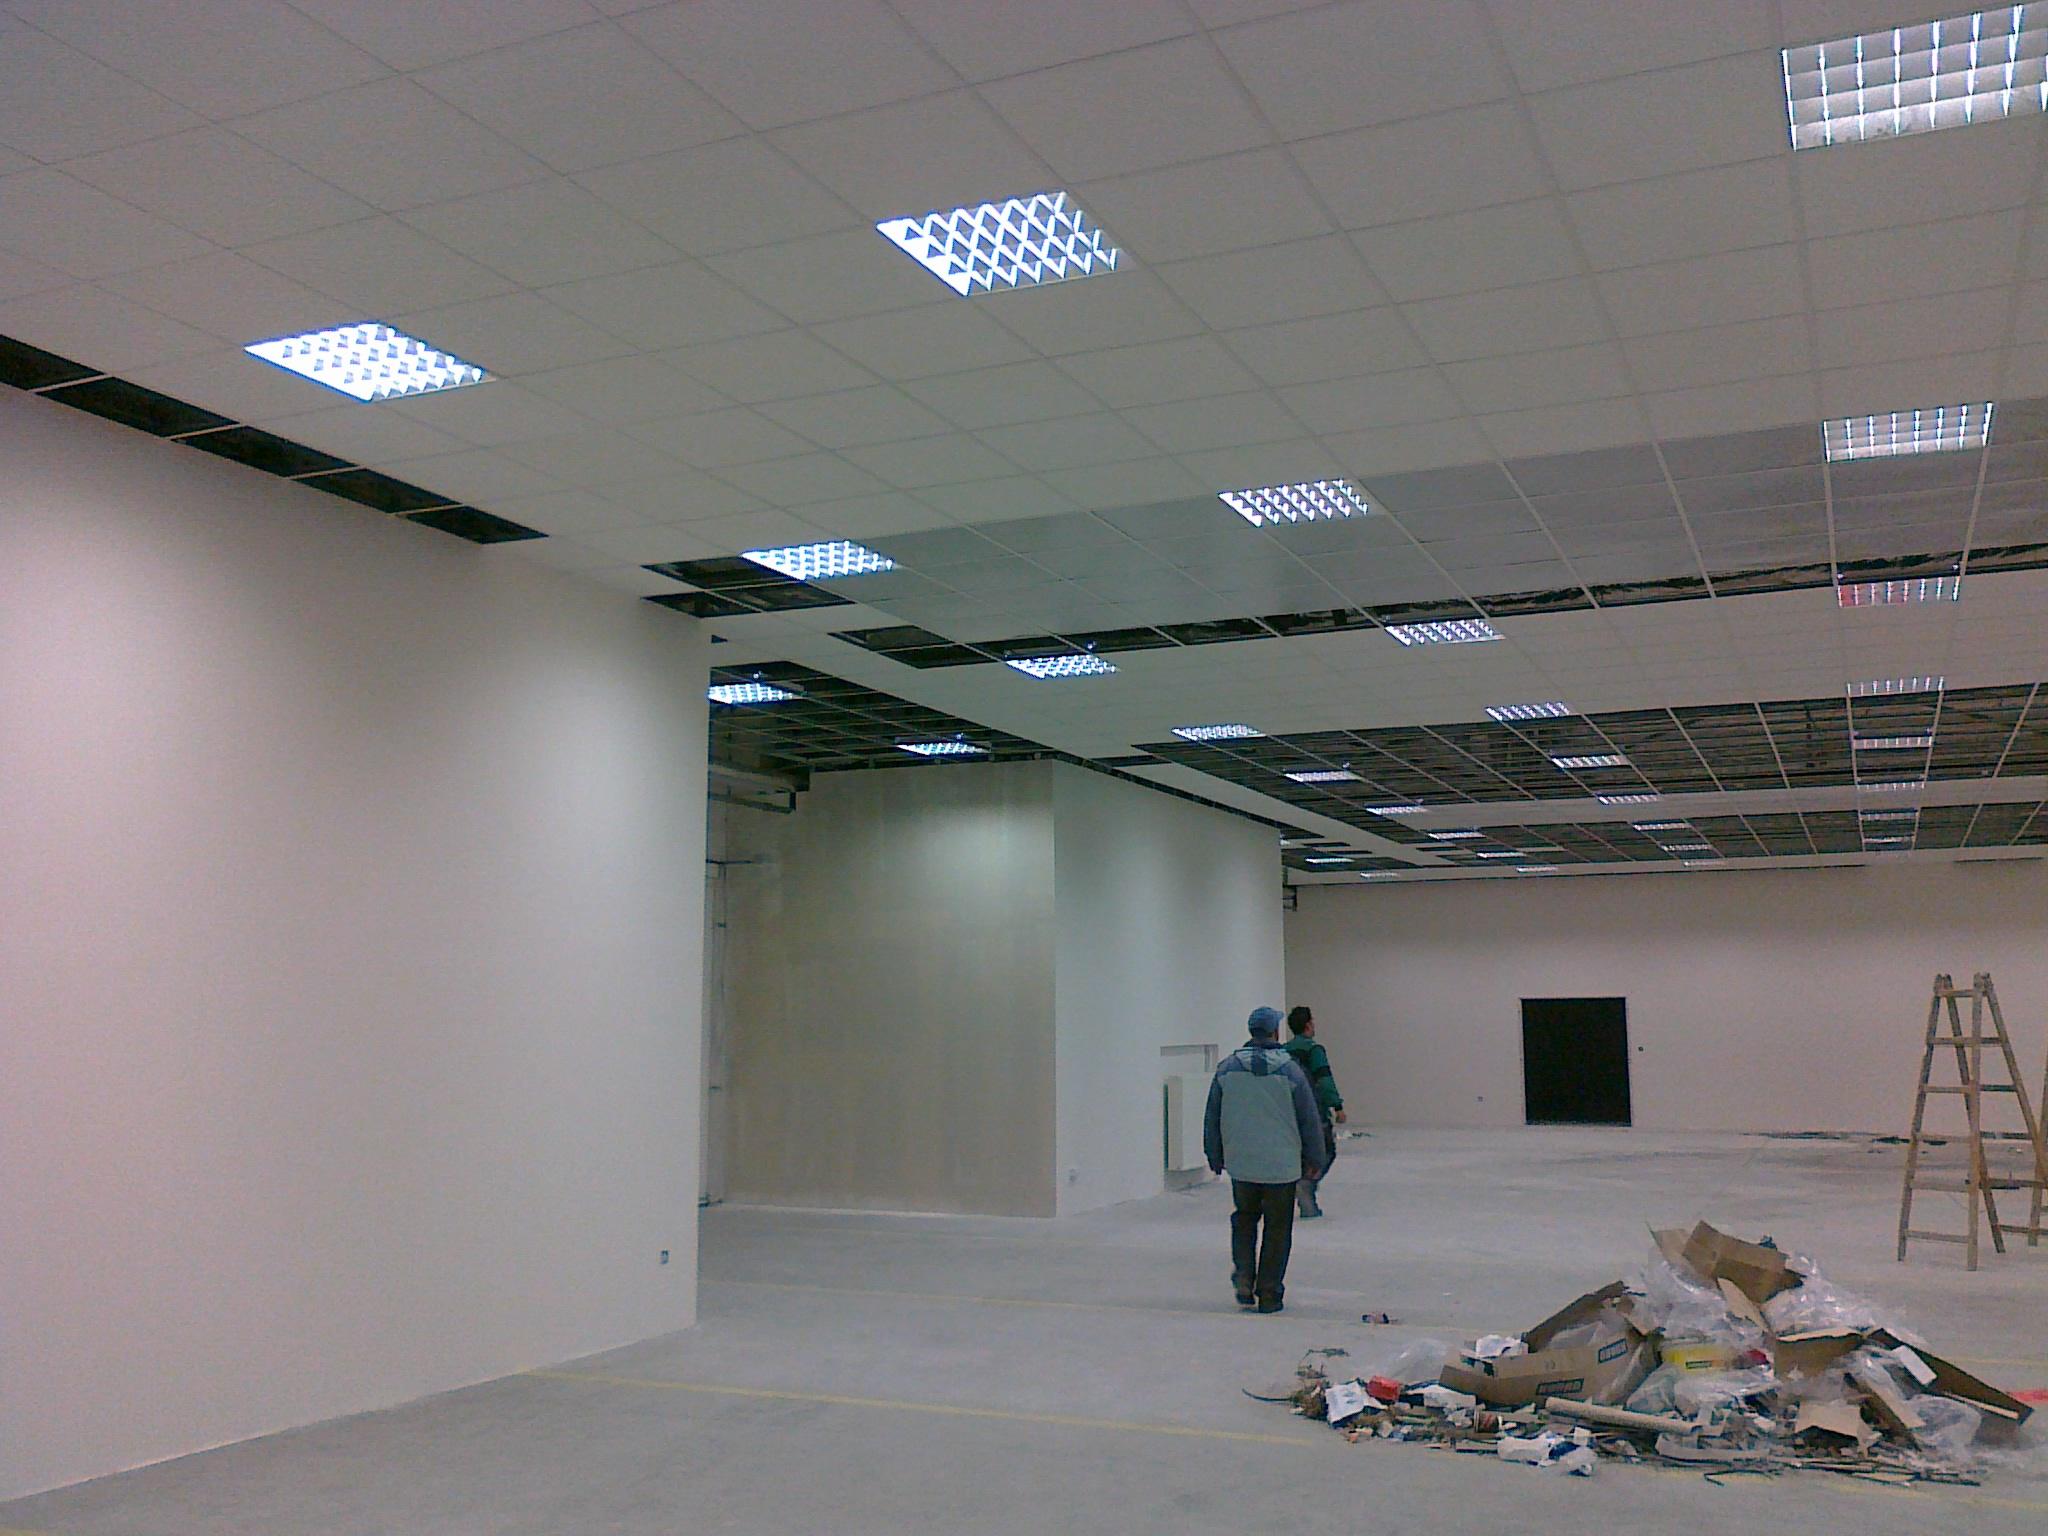 sadrokartóny a kazetové stropy,Rožňavská ul. Bratislava